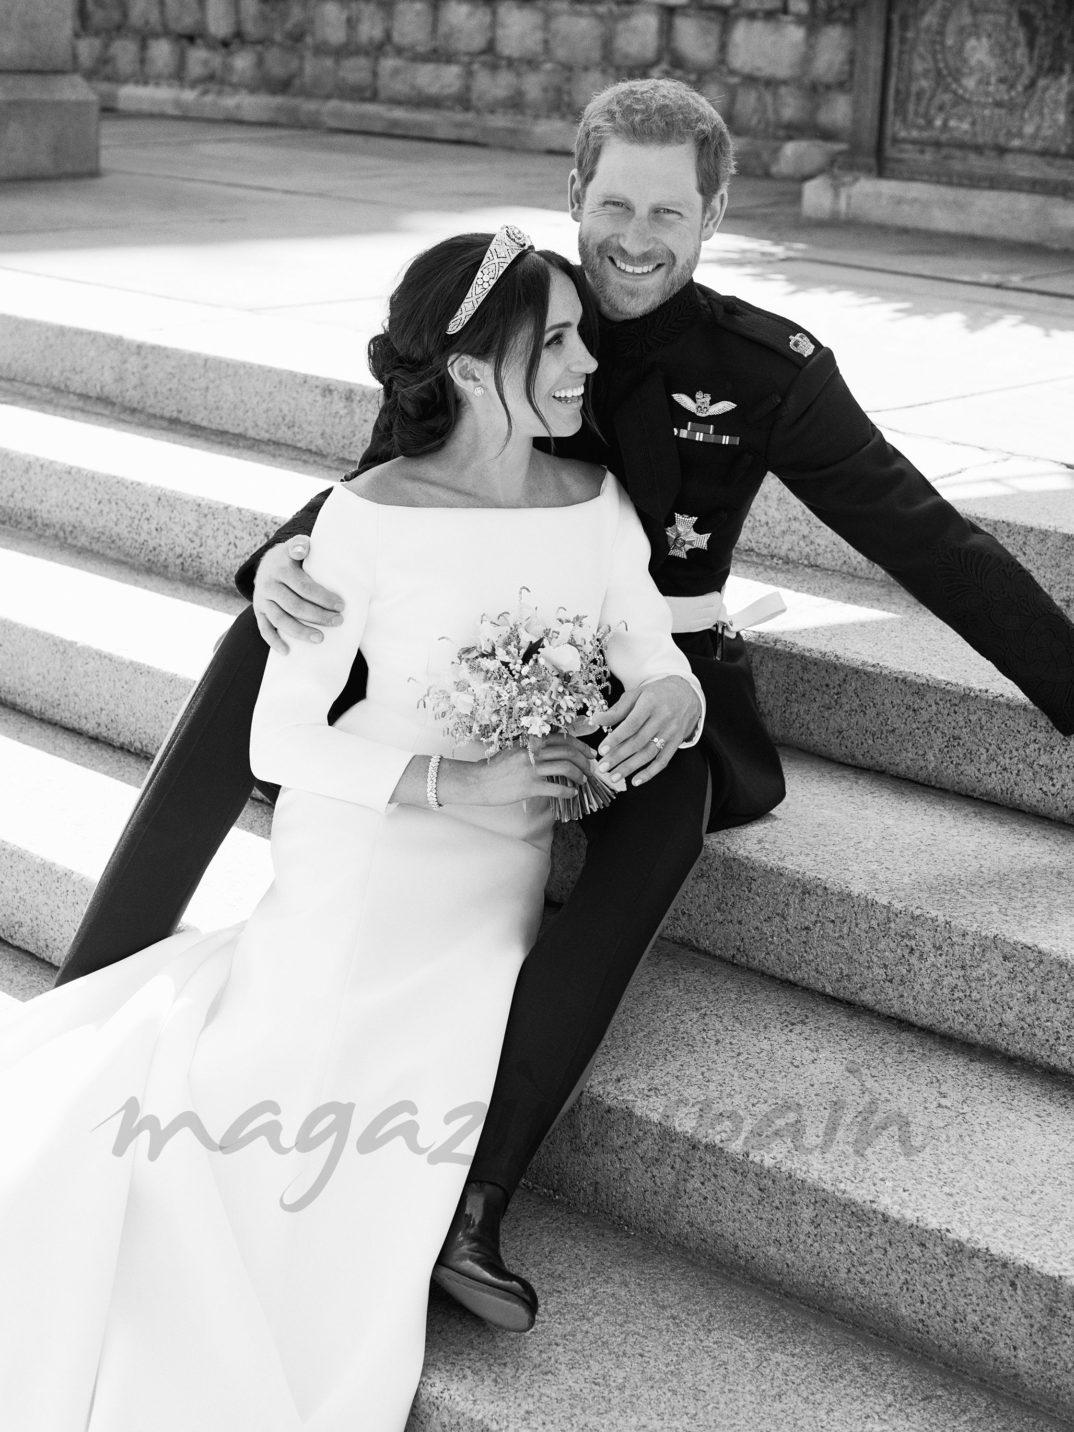 Boda Príncipe Harry y Meghan Markle (29/05/18)